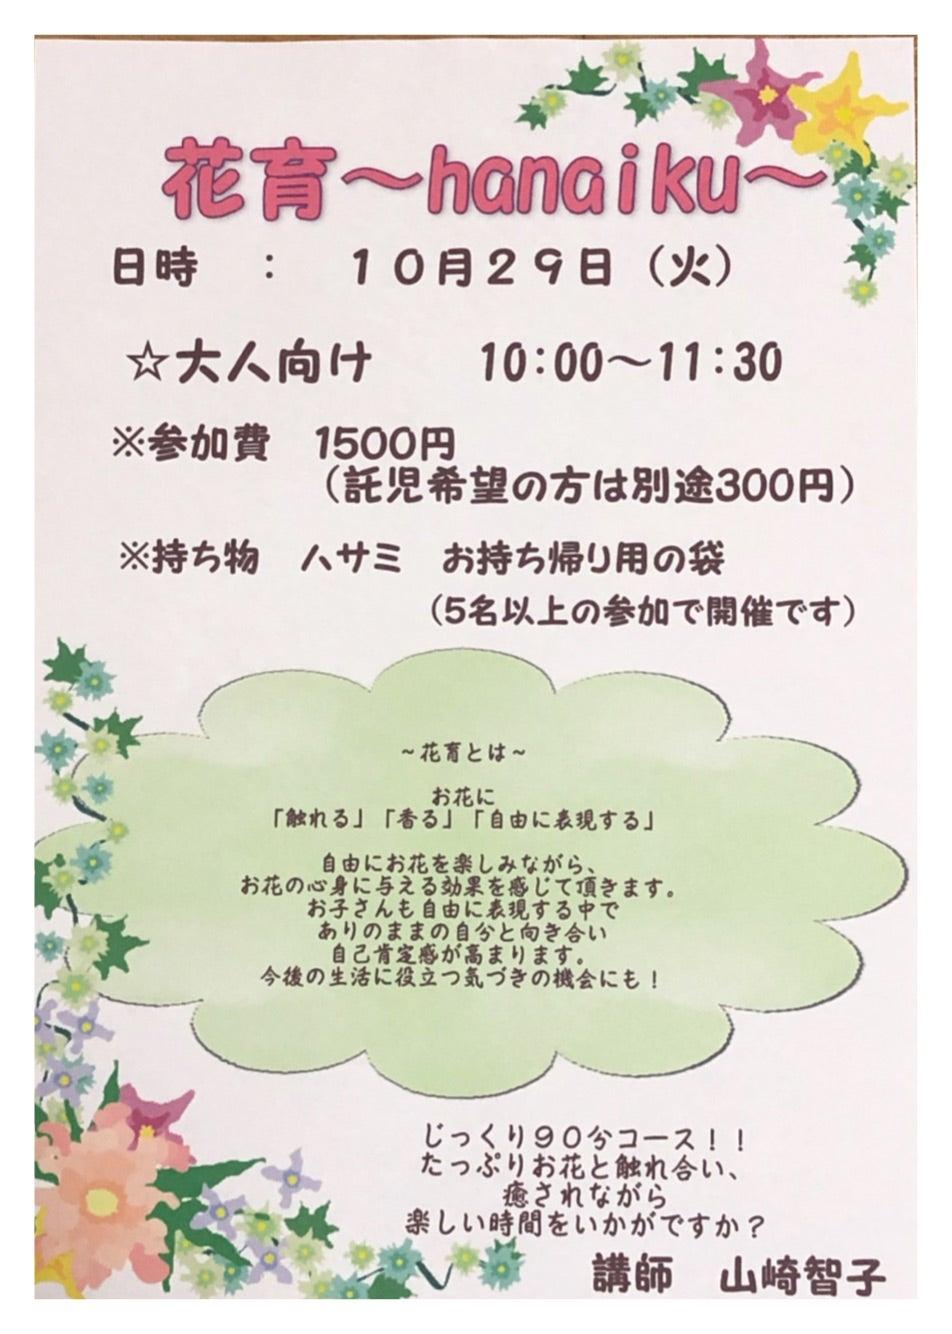 10/29(火) 「花育」のお知らせ!